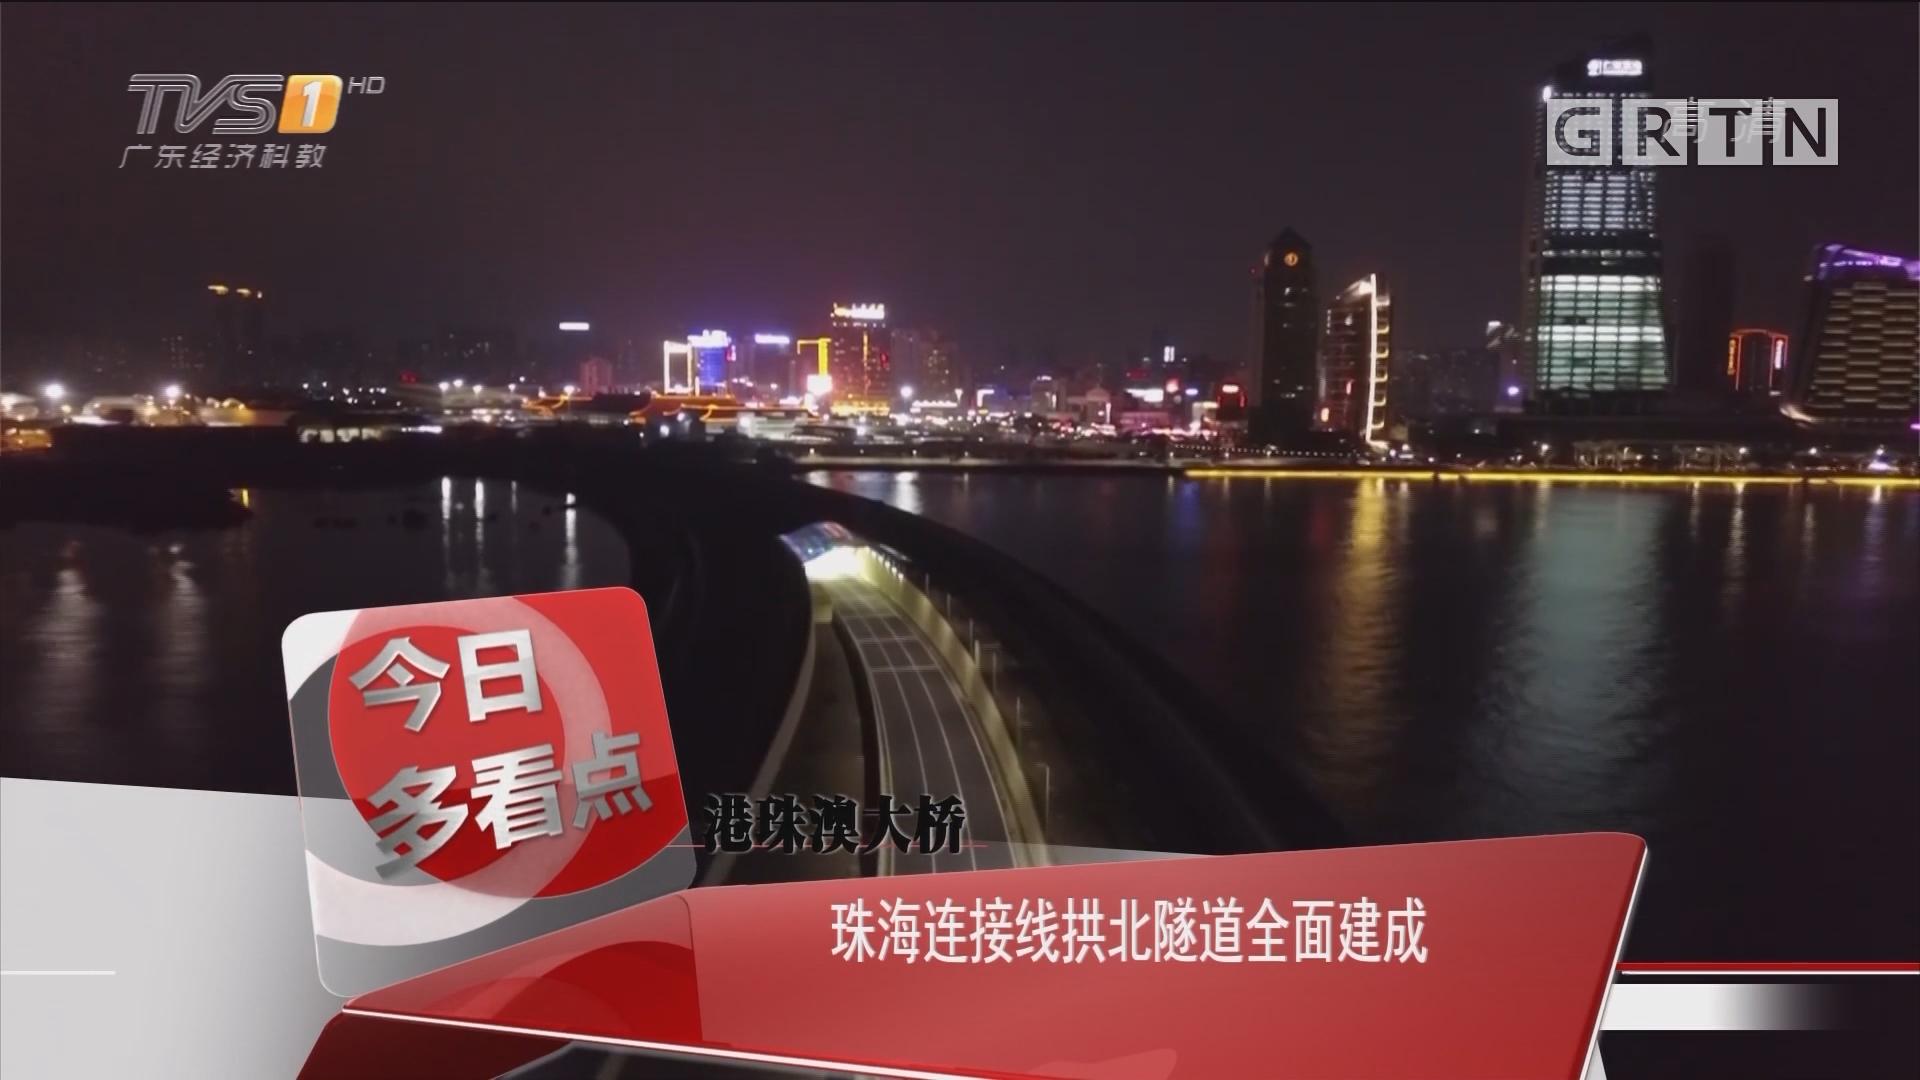 港珠澳大桥:珠海连接线拱北隧道全面建成